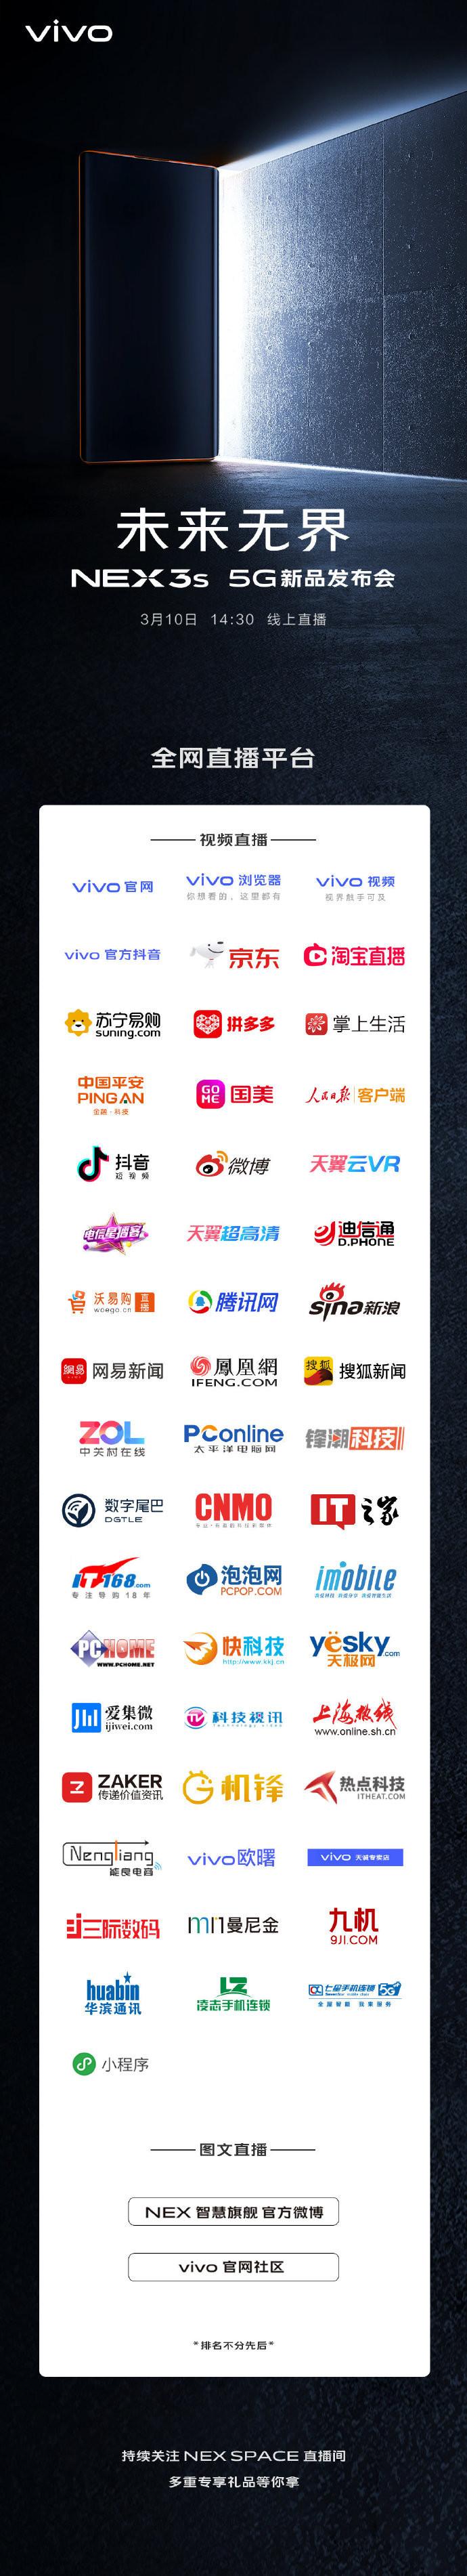 vivo NEX 3S 5G发布会直播平台汇总